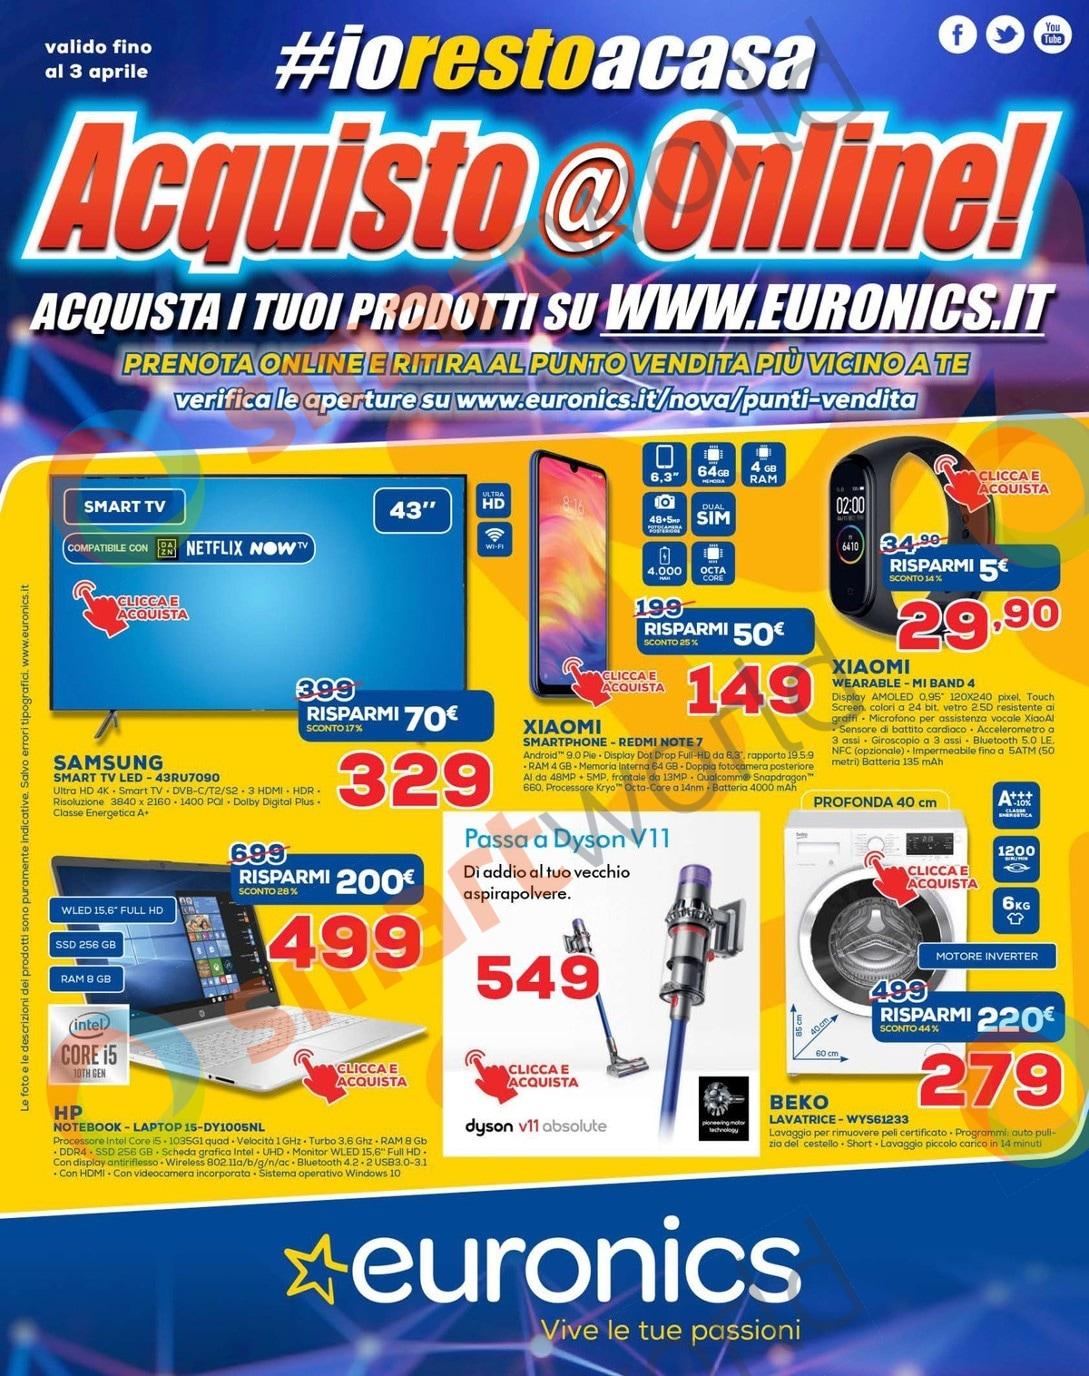 Volantino Euronics Nova: offerte su TV, cellulari e molto ...